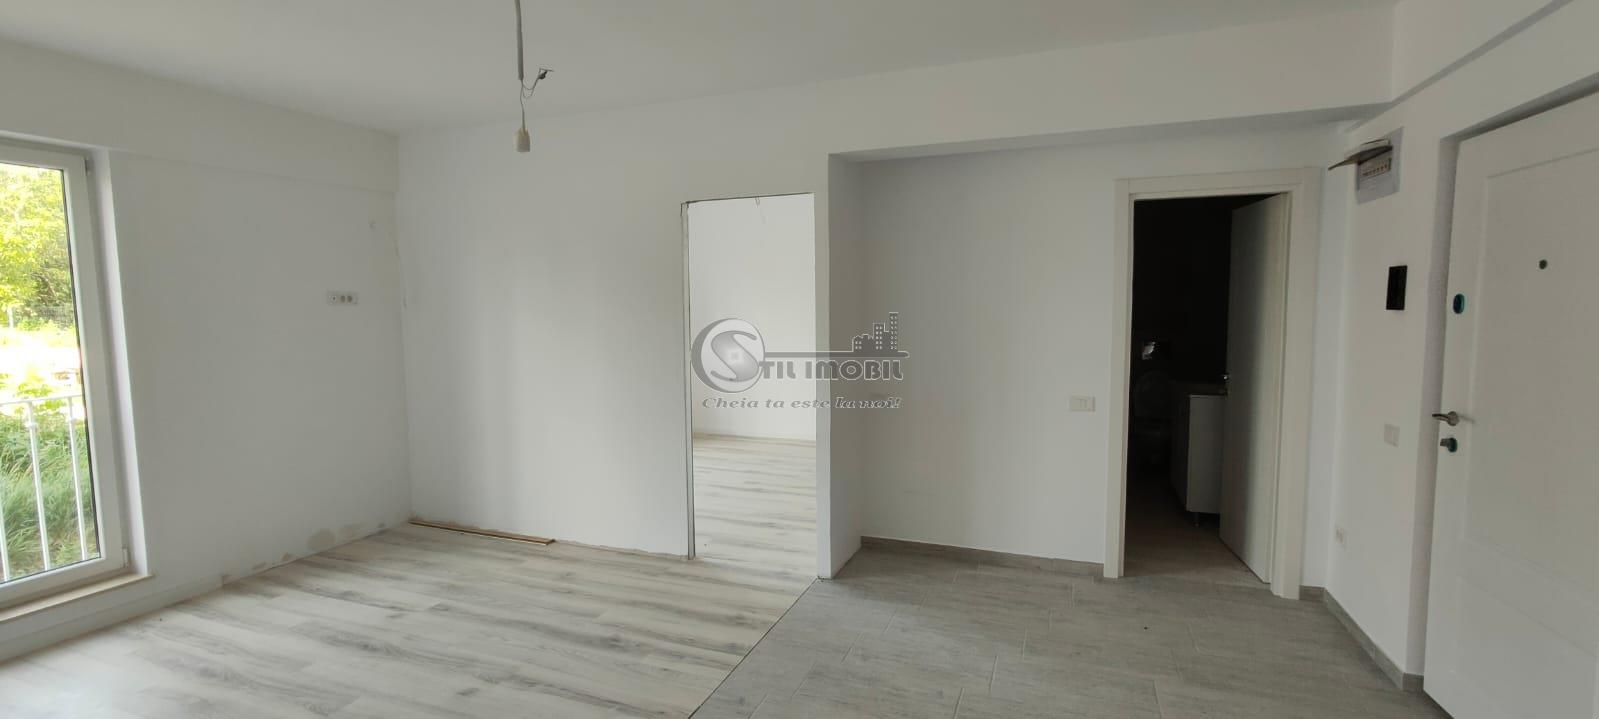 Apartament 2 camere openspace, Tatarasi Moara de Vant